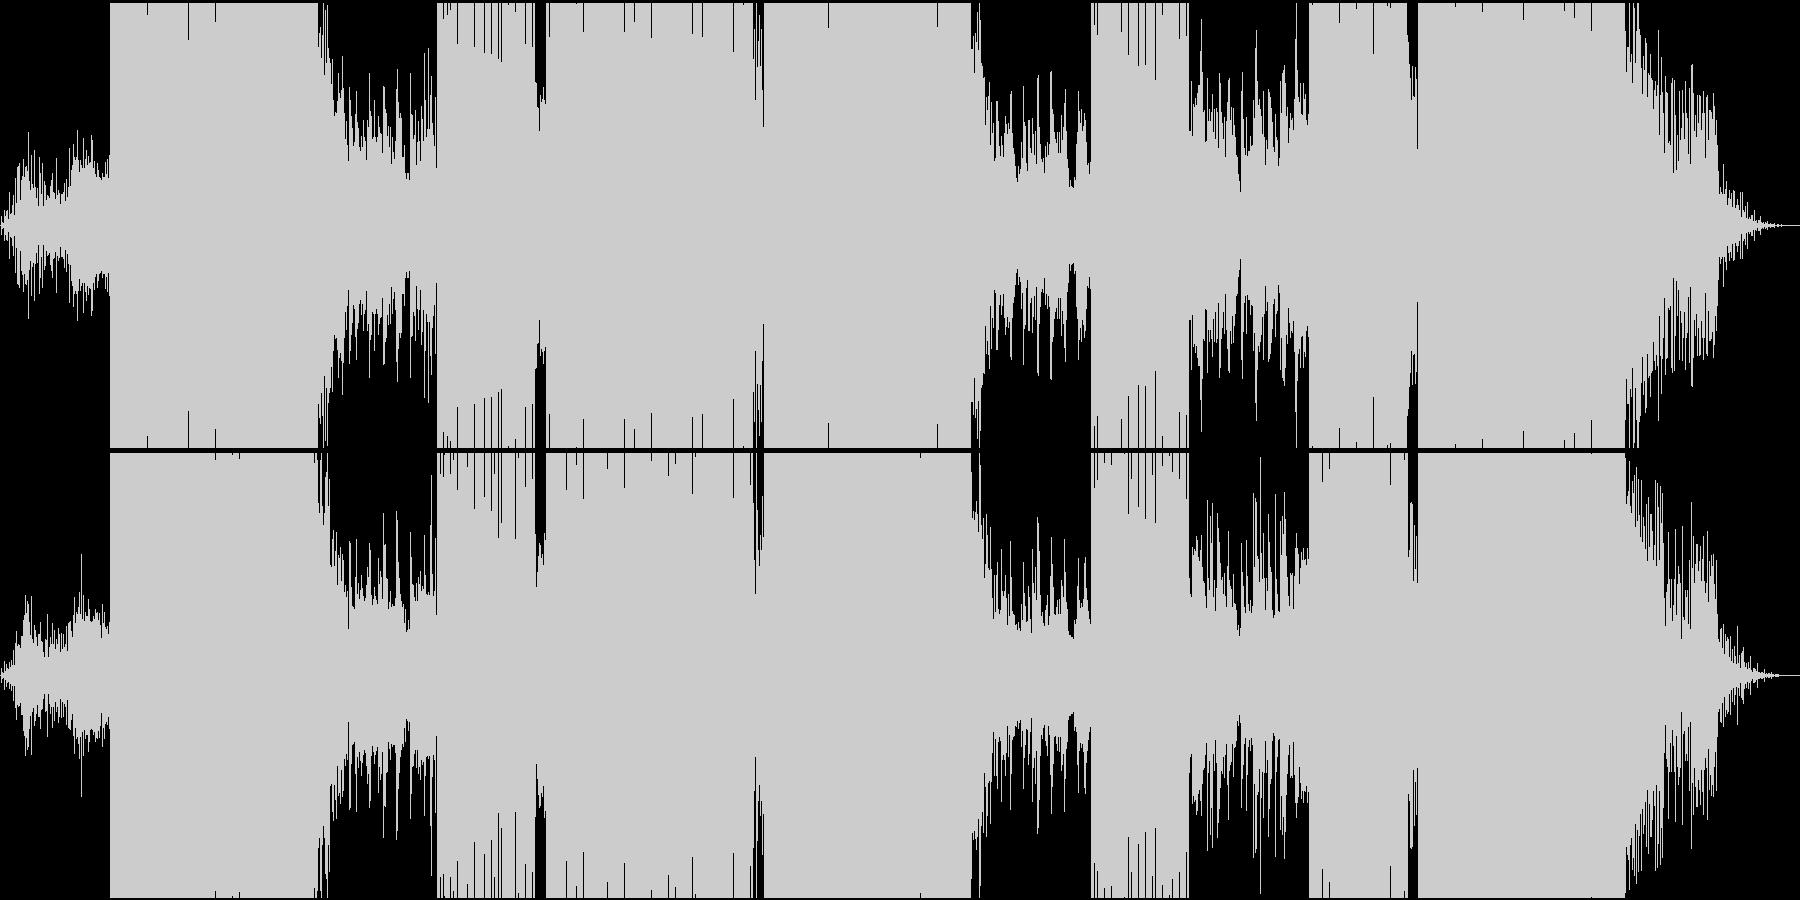 映像用浮遊感のあるメロディが流れるEDMの未再生の波形